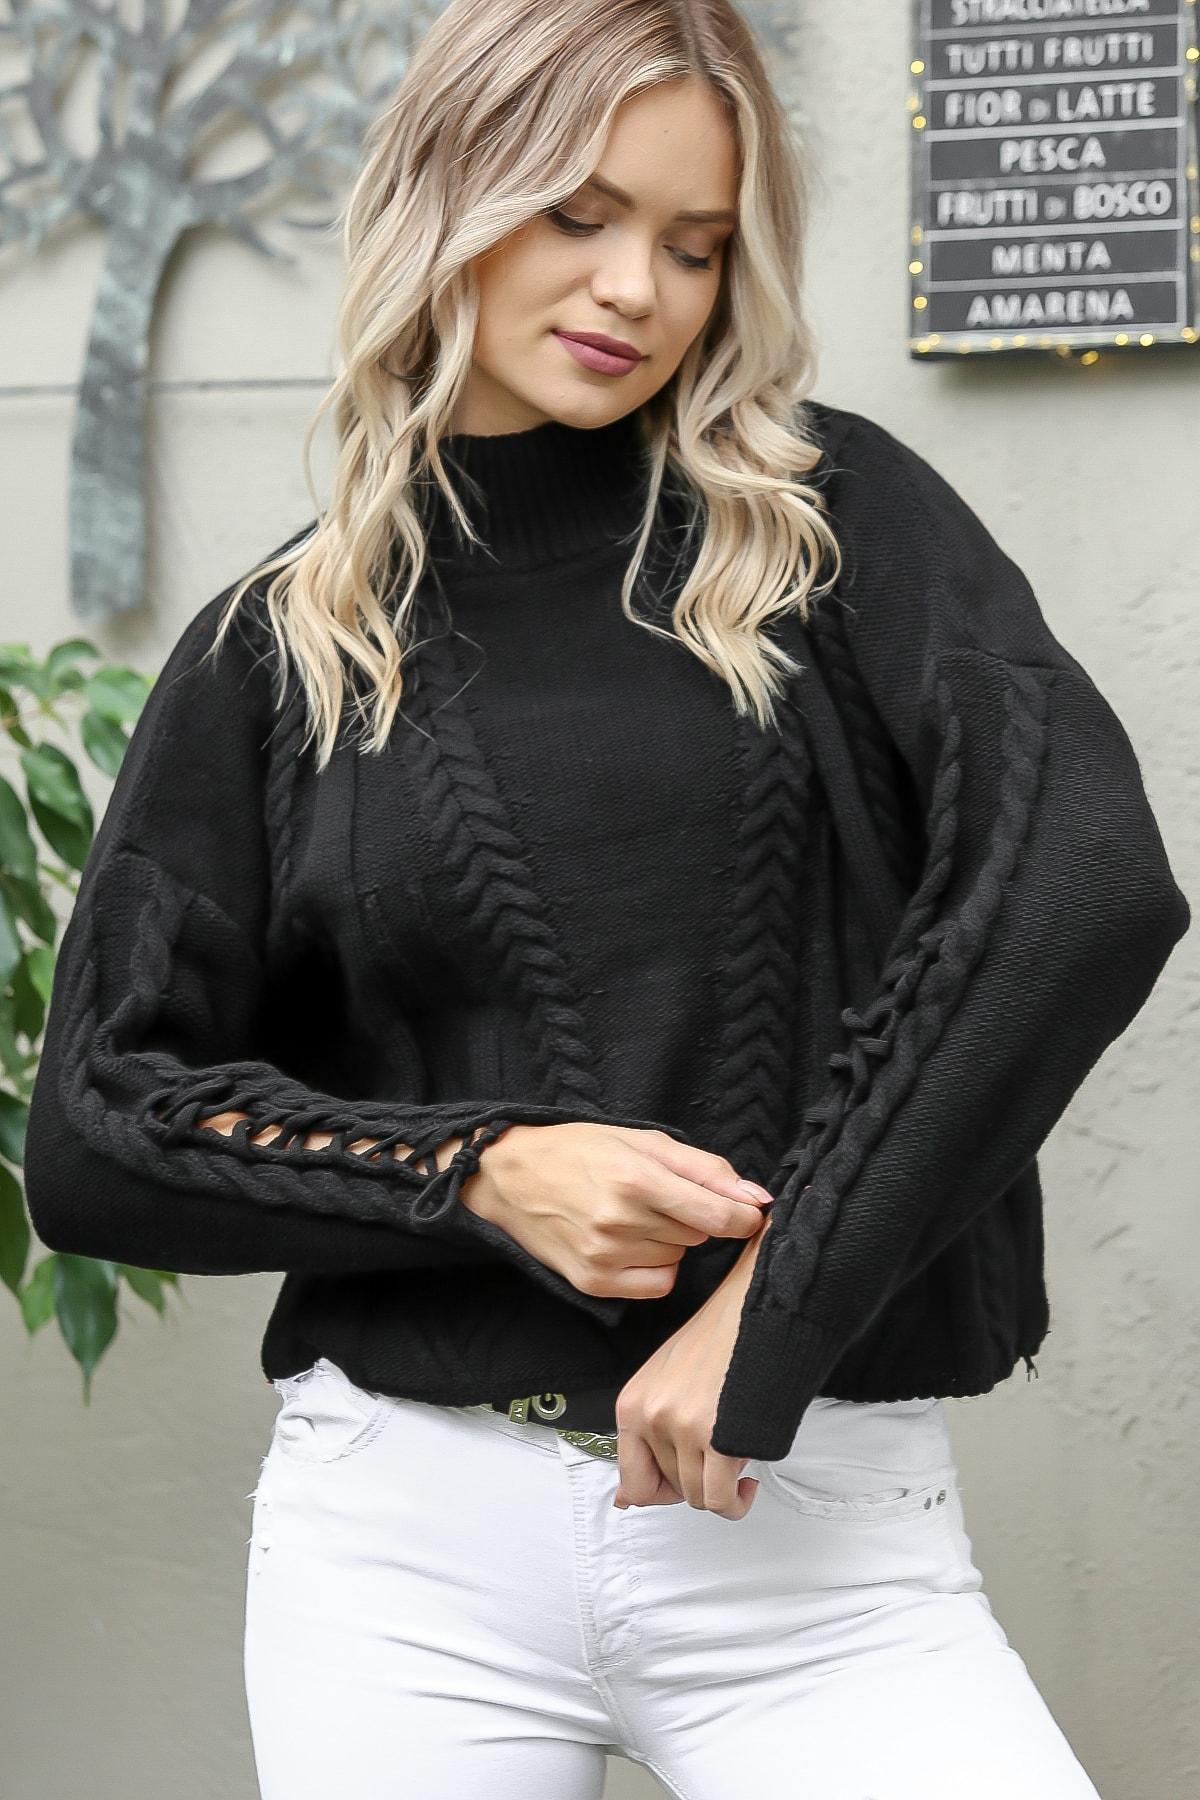 Chiccy Kadın Siyah Vintage Yarım Balıkçı Saç Örgü Desenli Kolları Biye Detaylı Triko Kazak M10010800KZ99405